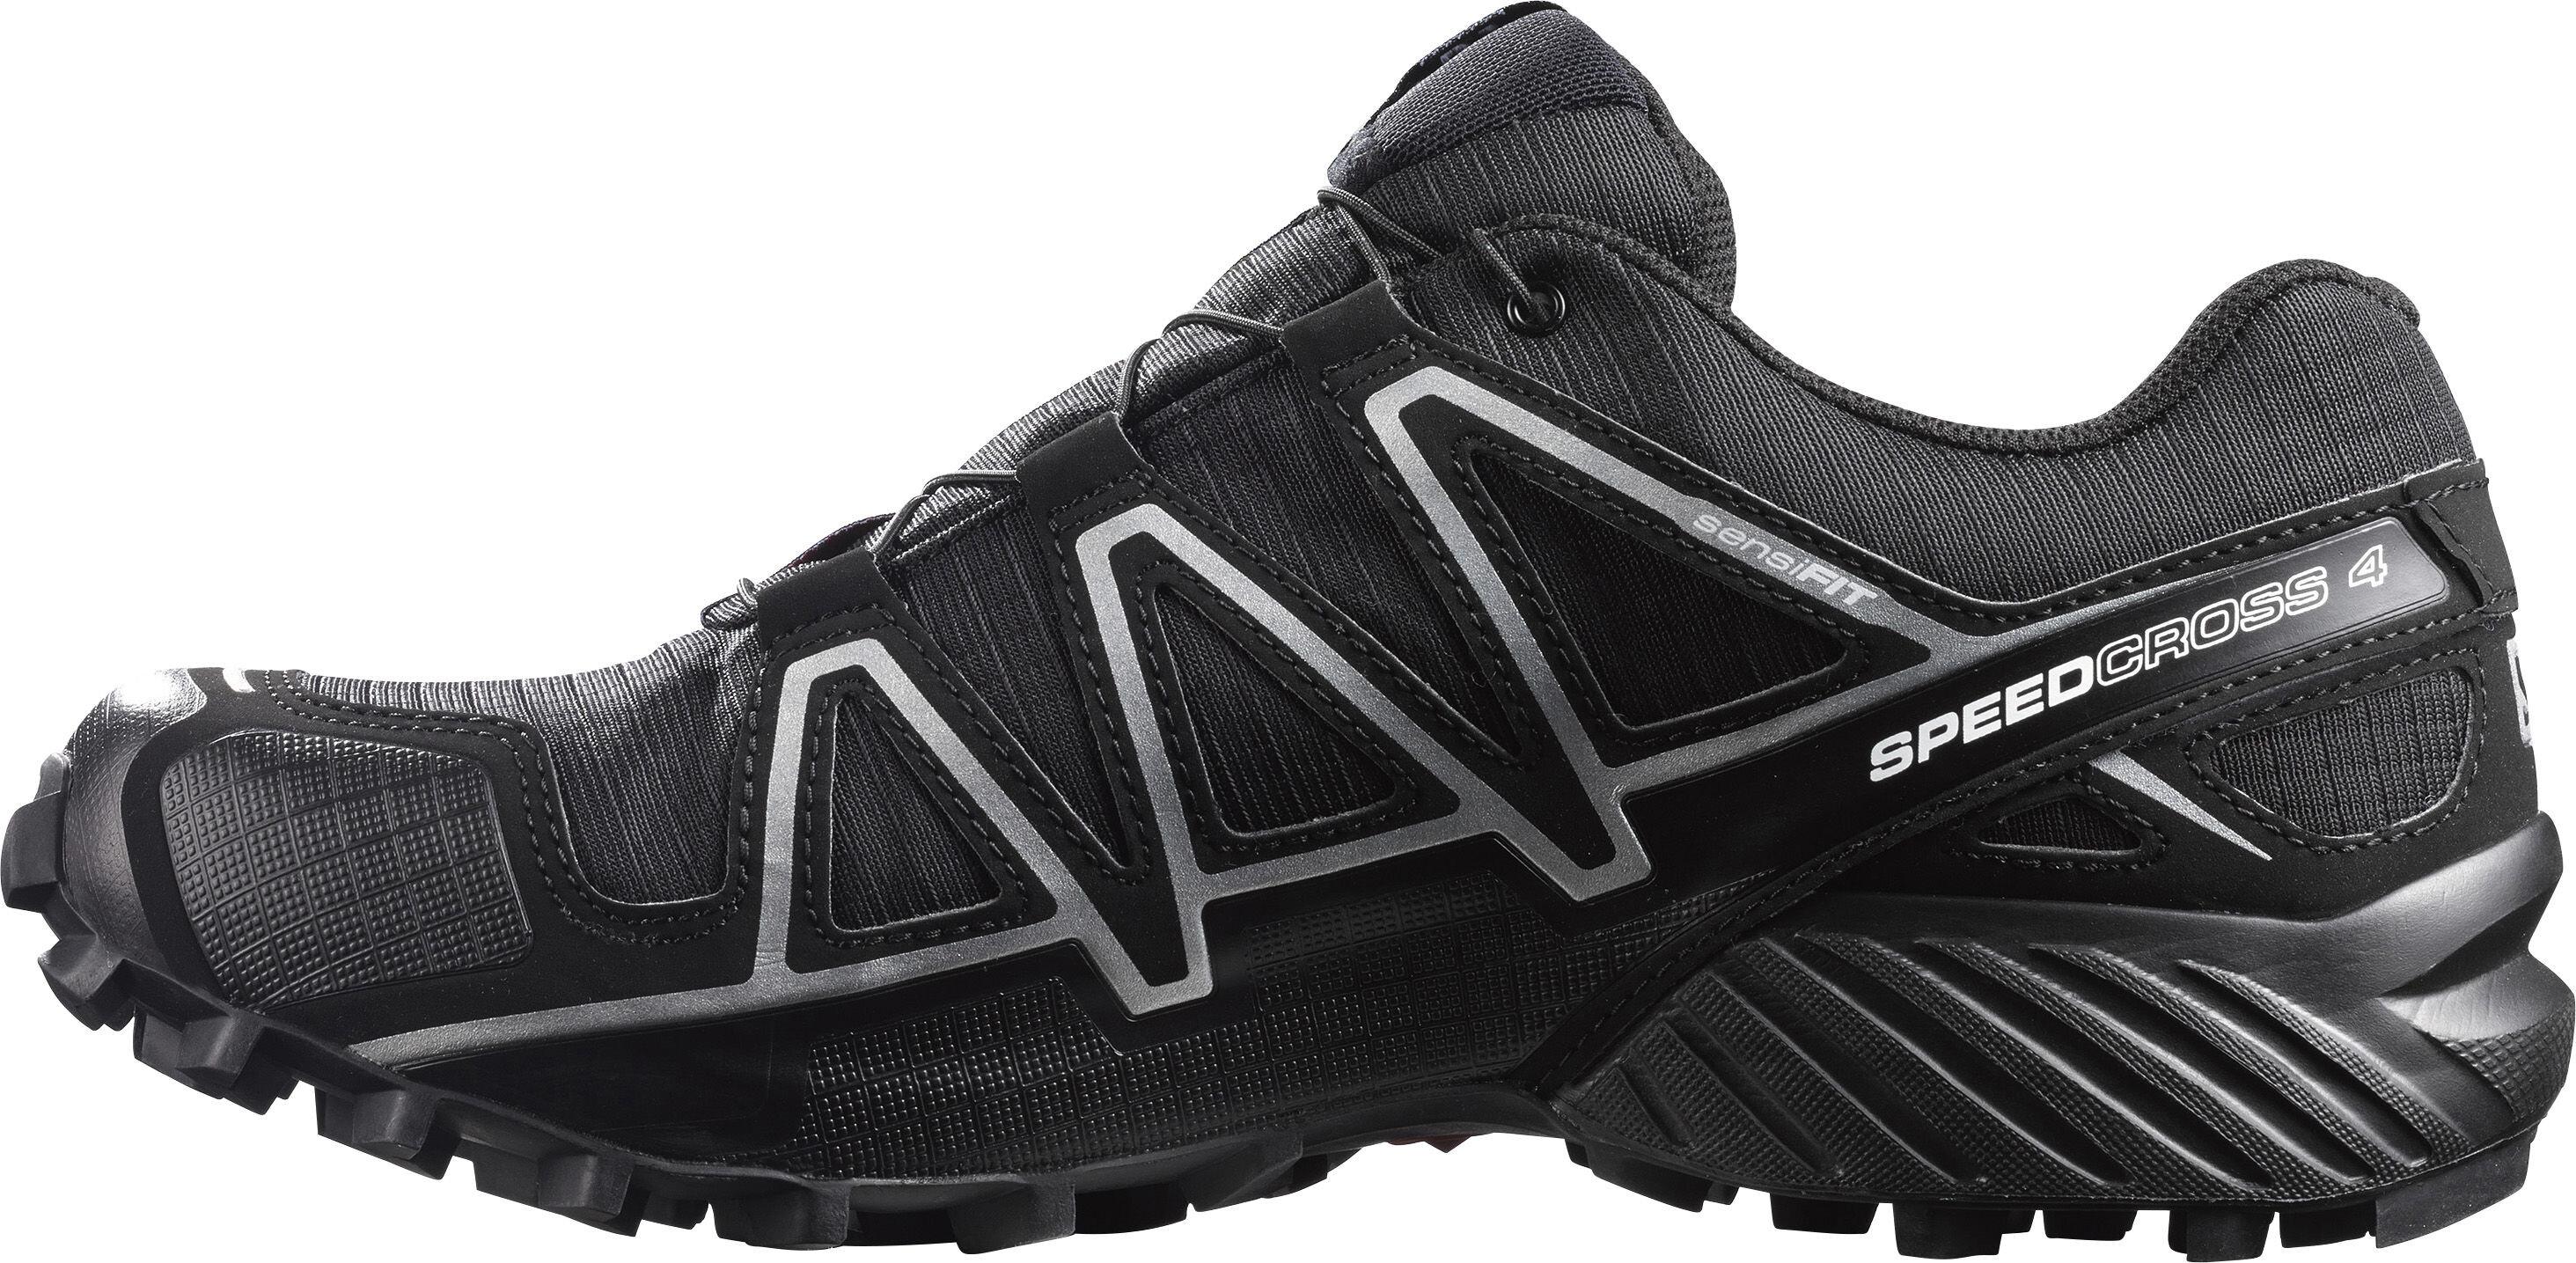 new arrival 71213 2afd3 Salomon Speedcross 4 GTX - Chaussures running Homme - gris noir